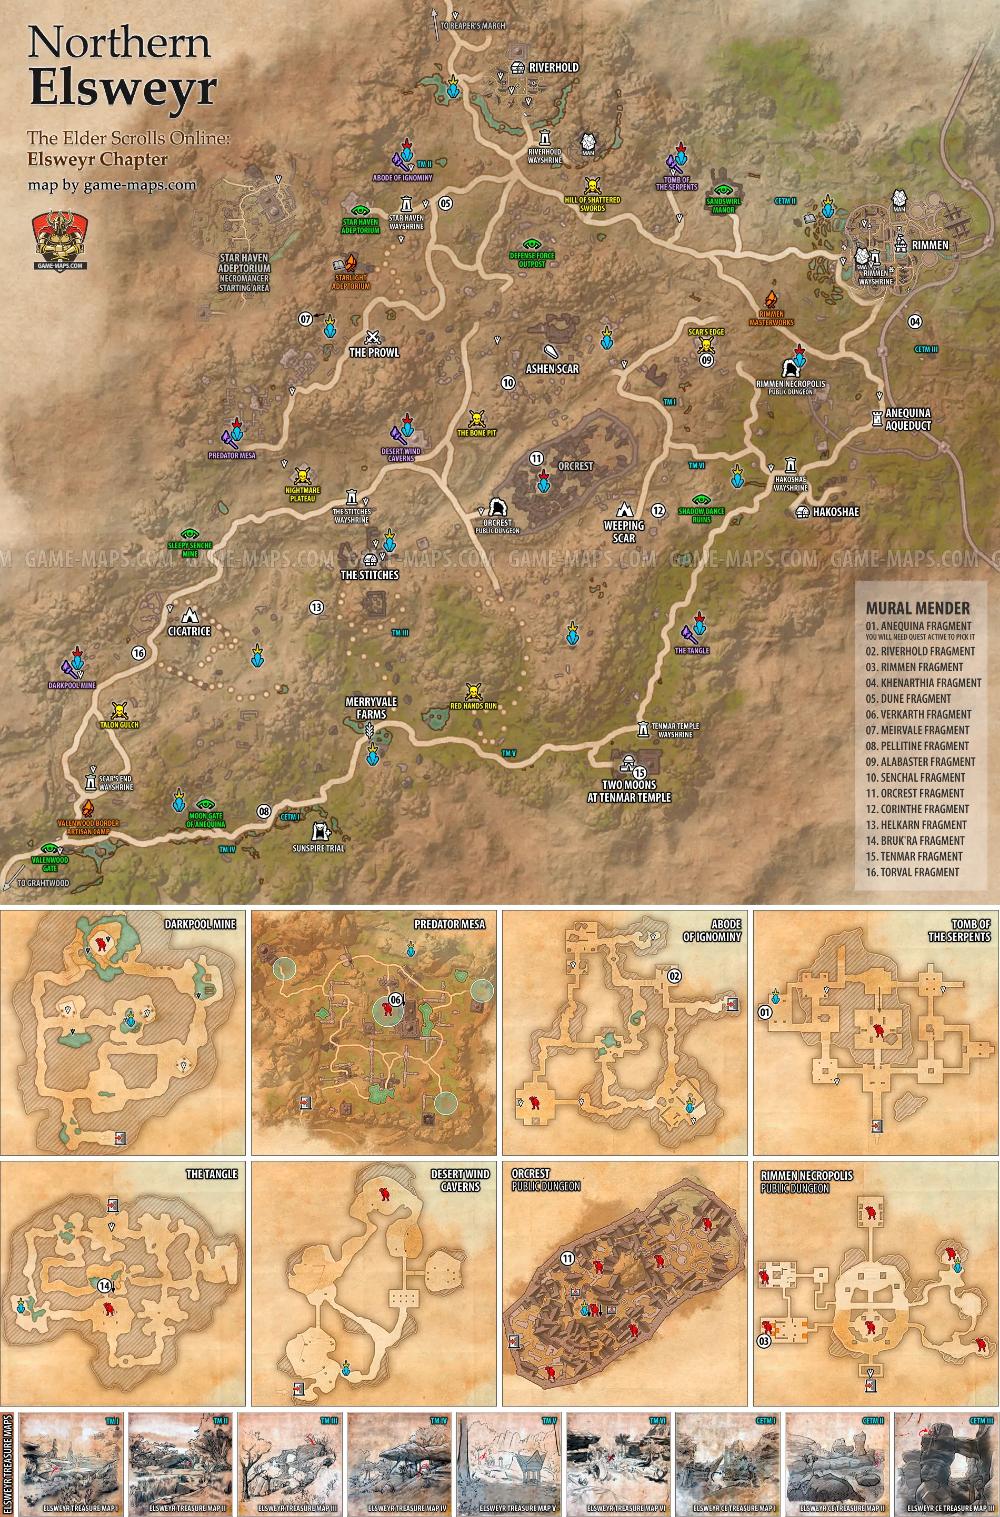 Glenumbra Map : glenumbra, Northern, Elsweyr, Elder, Scrolls, Online,